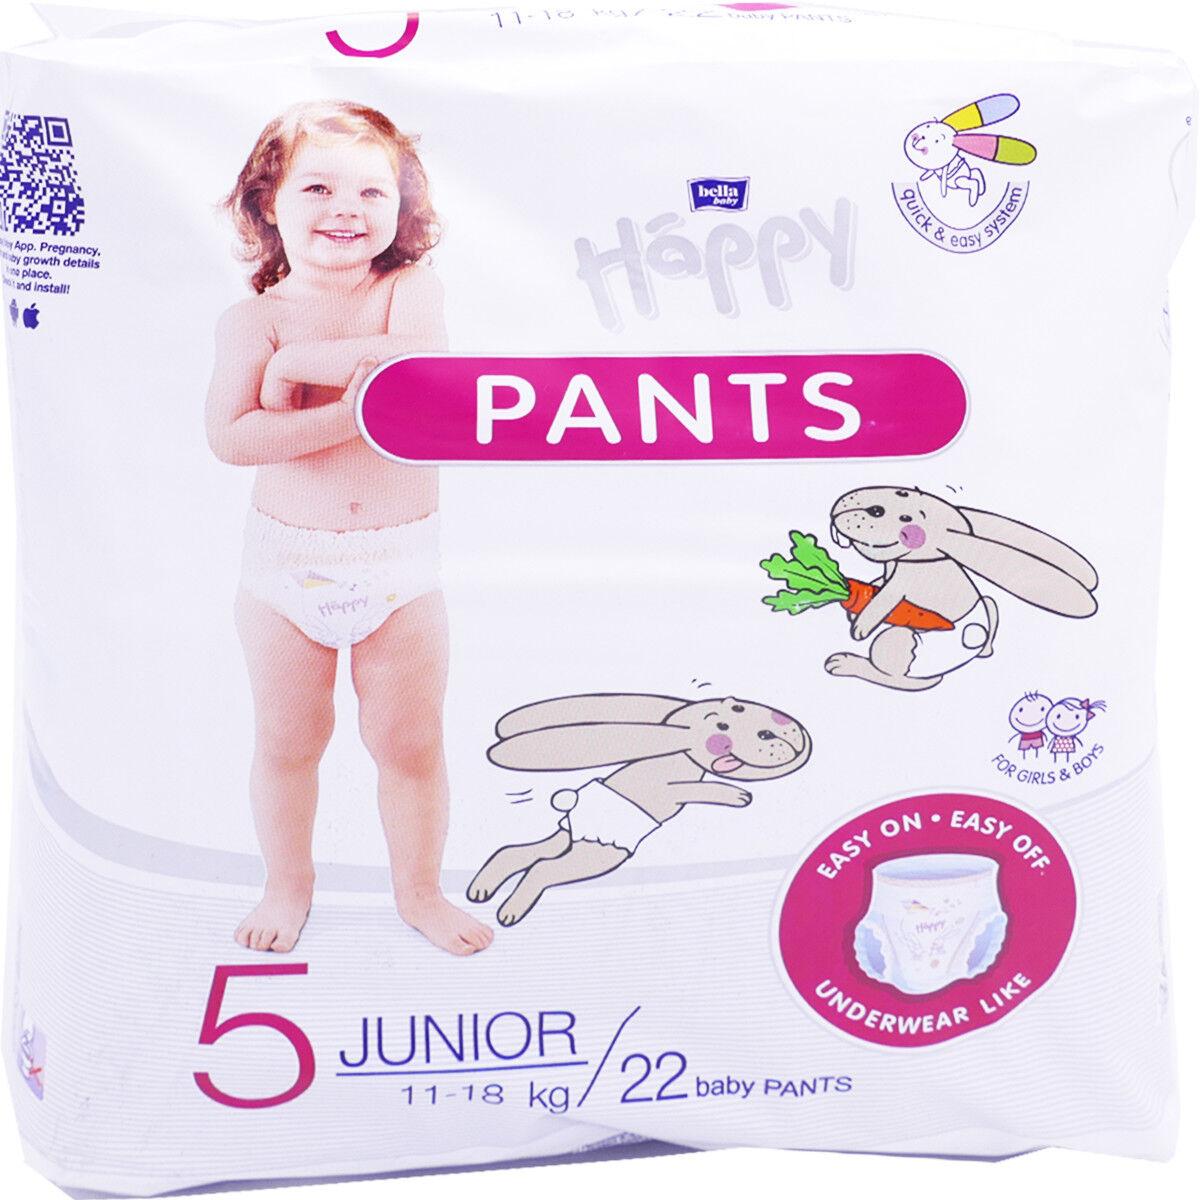 TETRA MEDICAL Happy pants 22 couches culottes 5 juniors 11-18kg